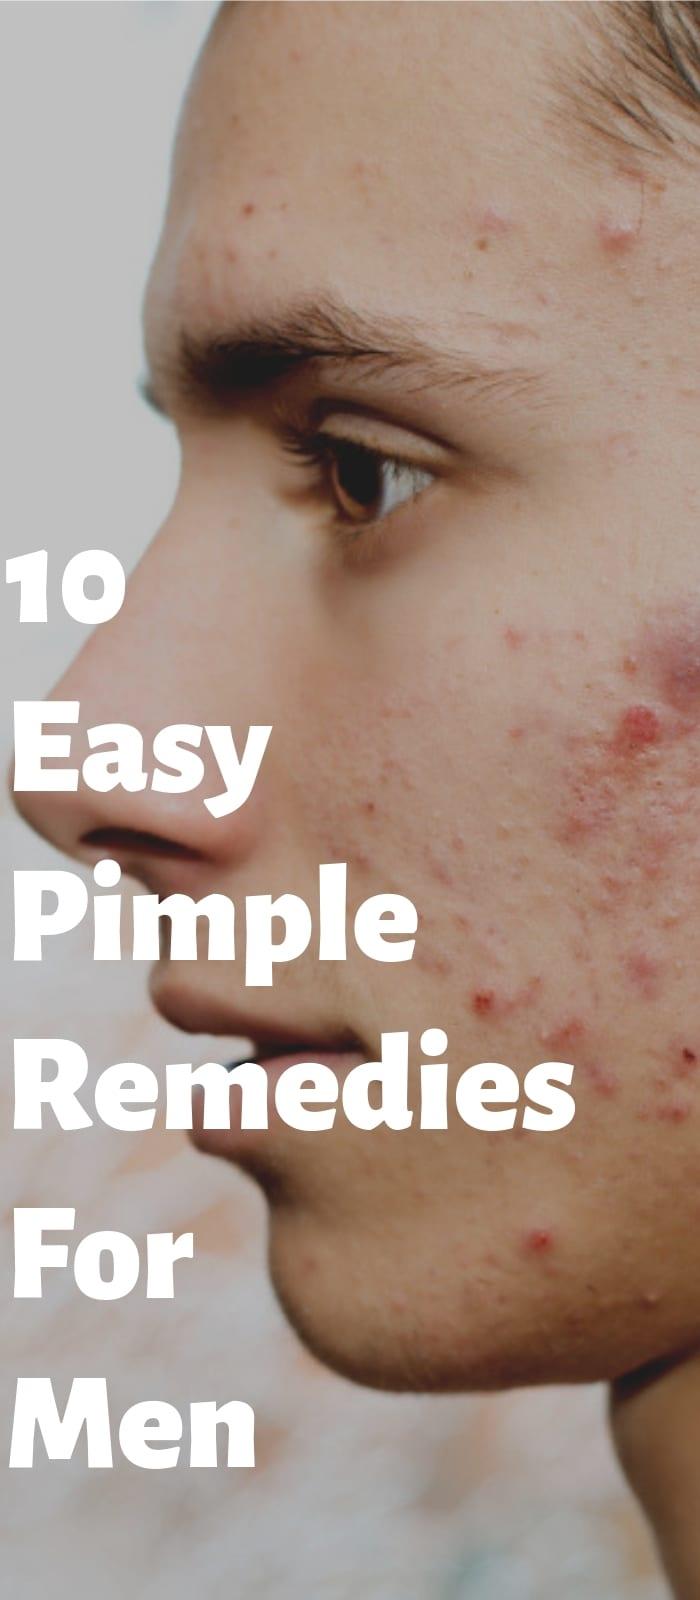 10 Simple Pimple Remedies For Men.